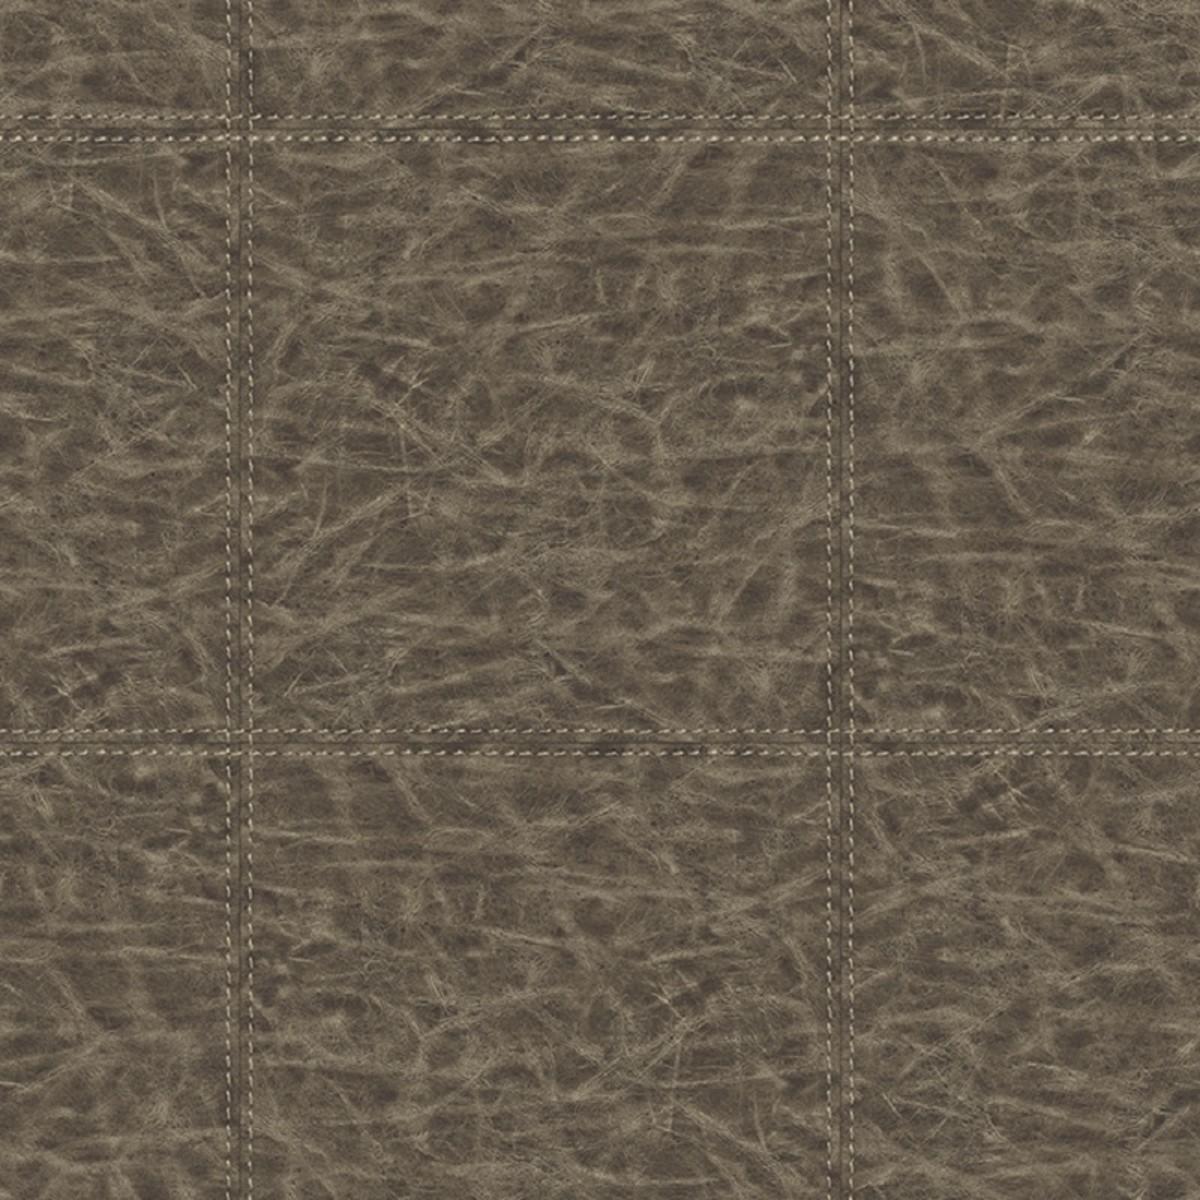 Виниловые обои Paper Partnership коричневые WP0091202 0.52 м